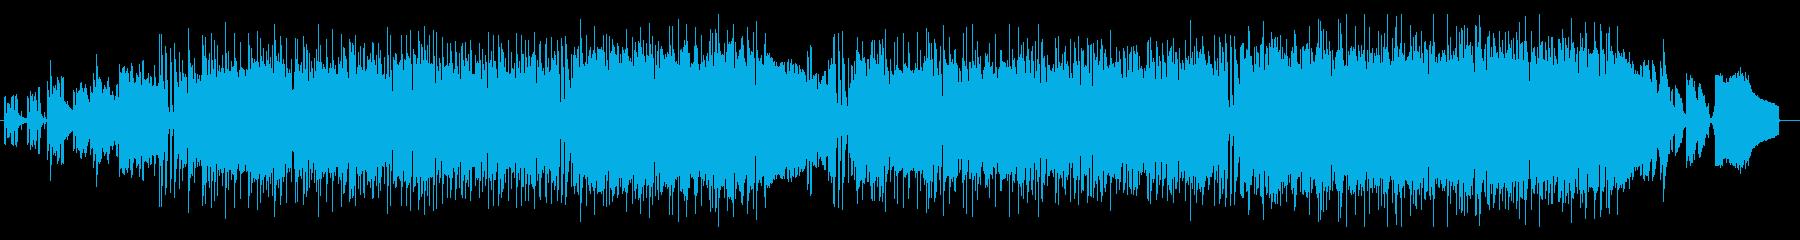 日常シーンに!ほのぼのしたかわいいBGMの再生済みの波形